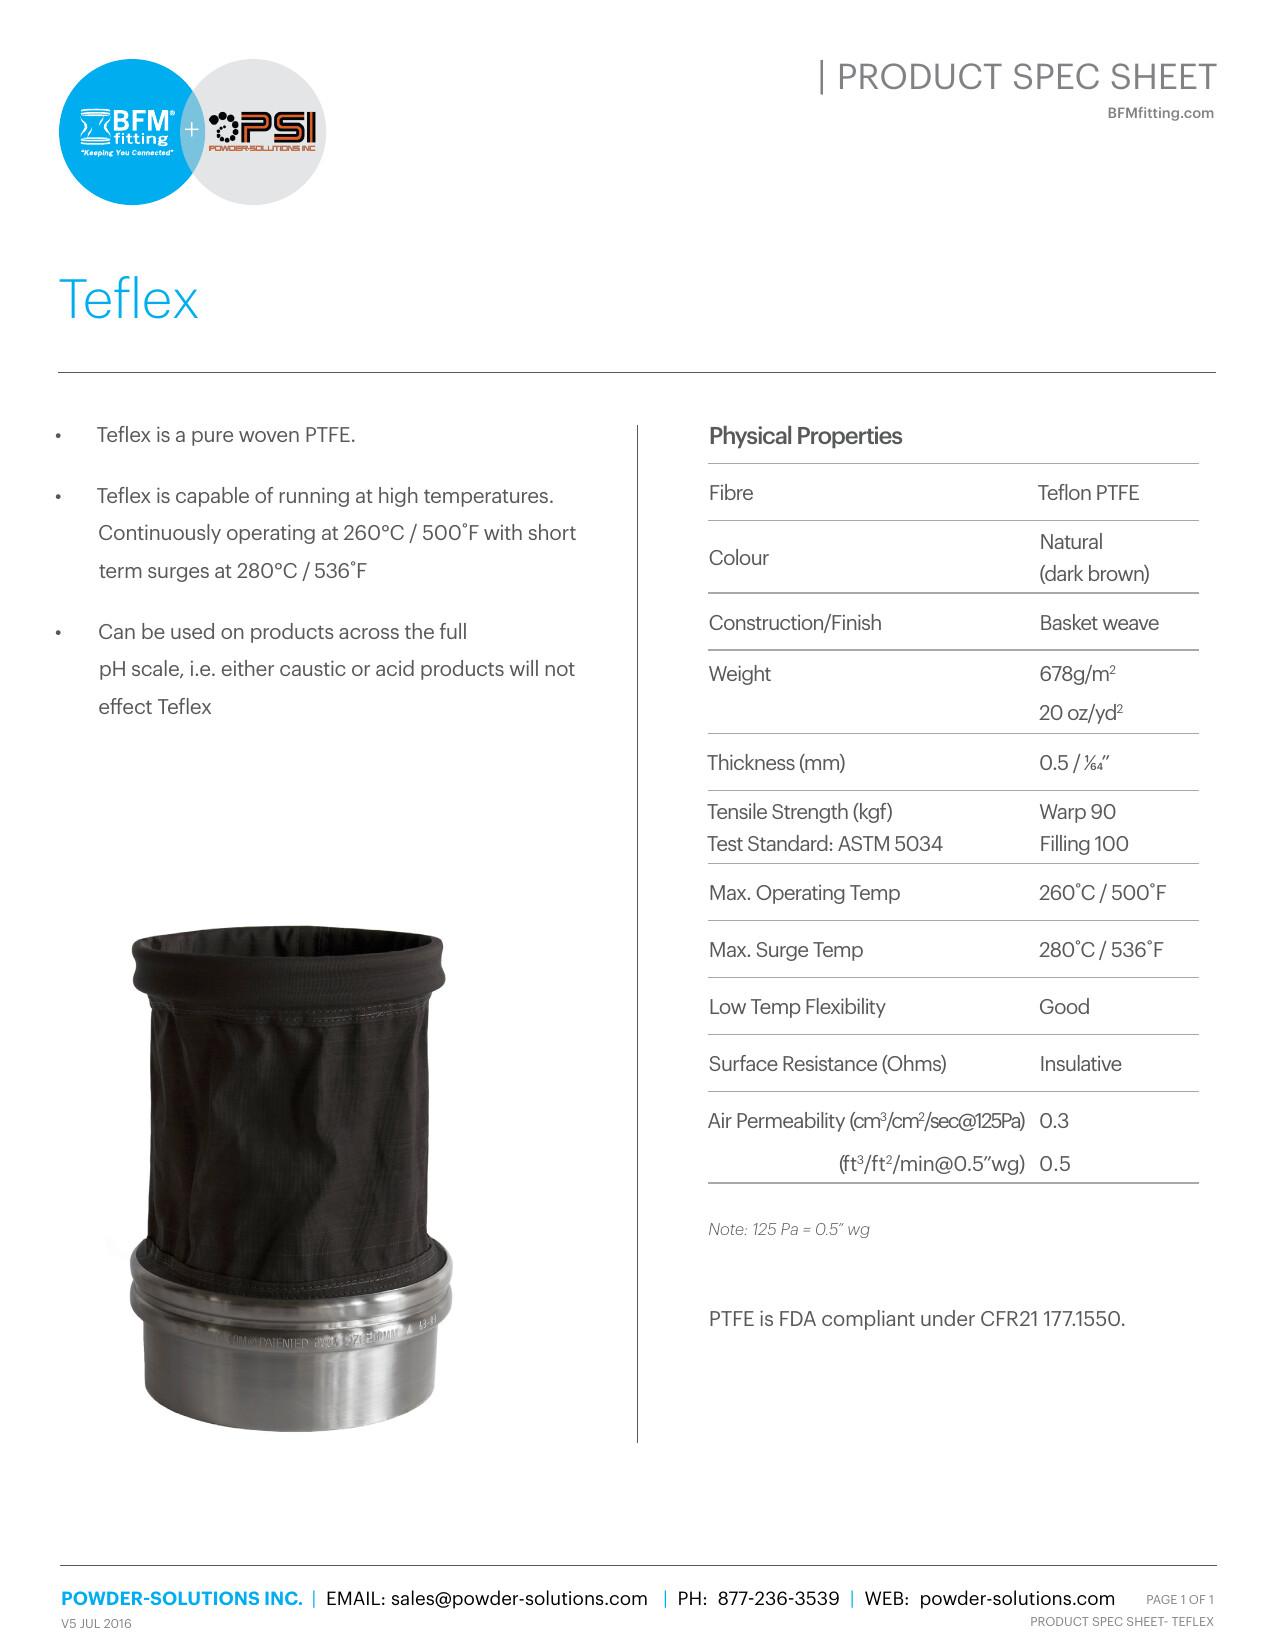 PSI BFM Spec Sheet - Teflex V5 Jul 2016